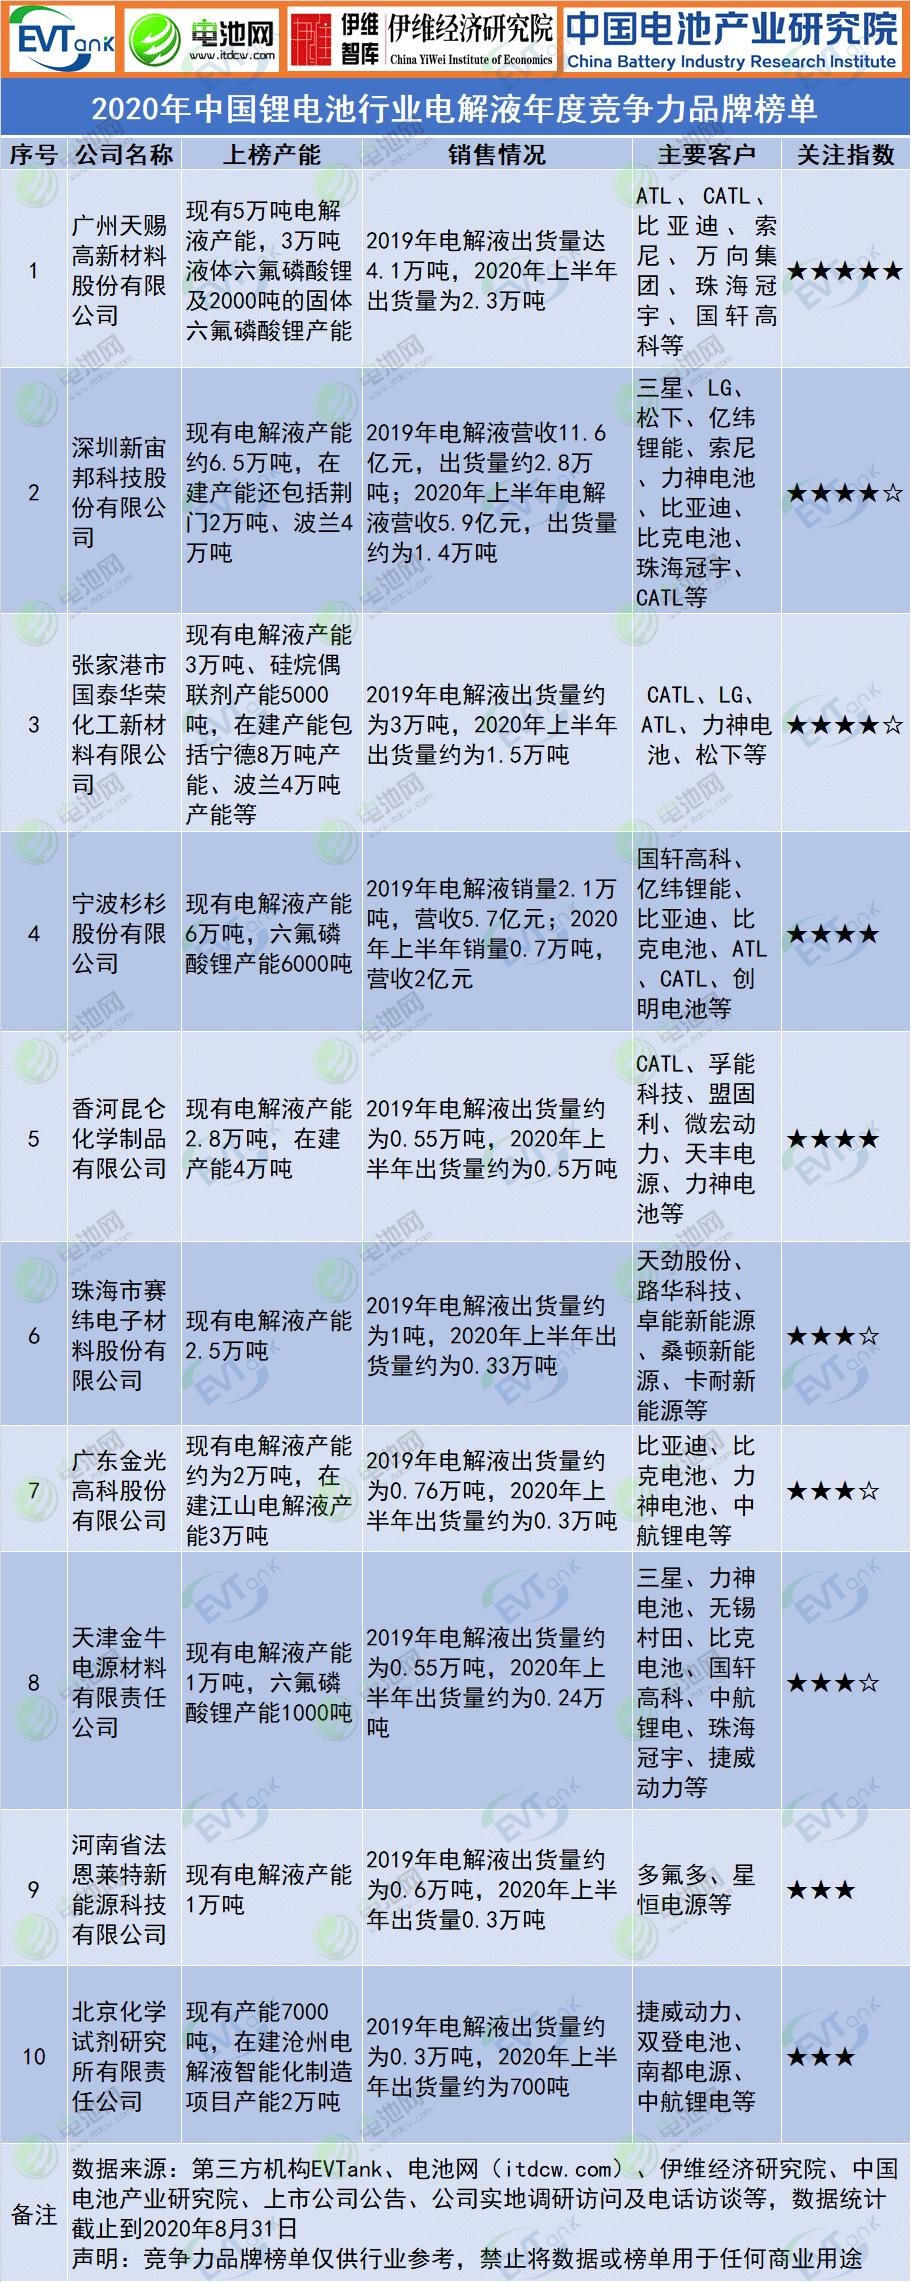 2020年中国锂电池行业电解液年度竞争力品牌榜单